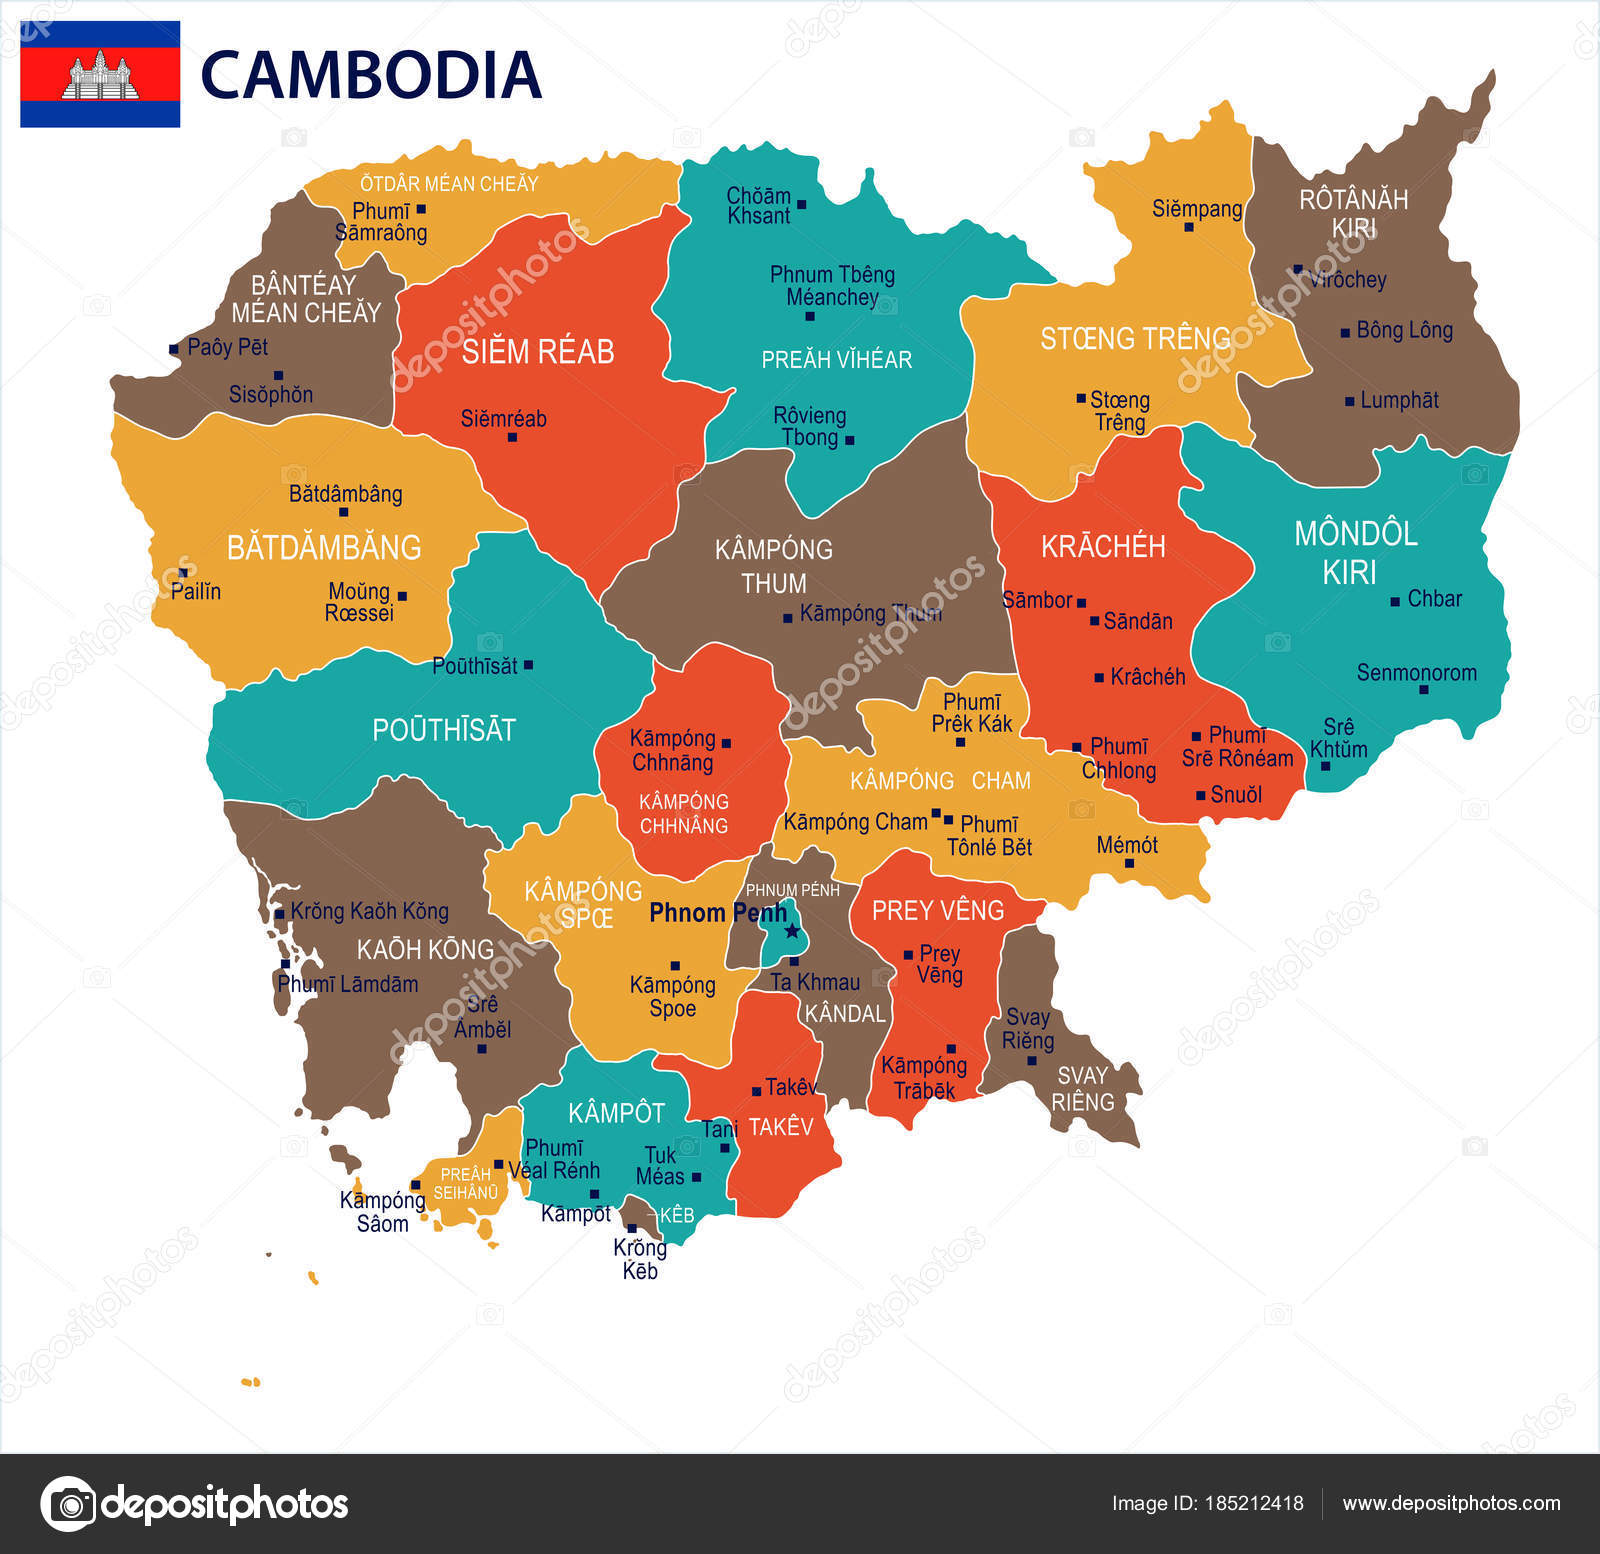 Kambodscha Karte.Kambodscha Karte Und Flagge Detaillierte Vektor